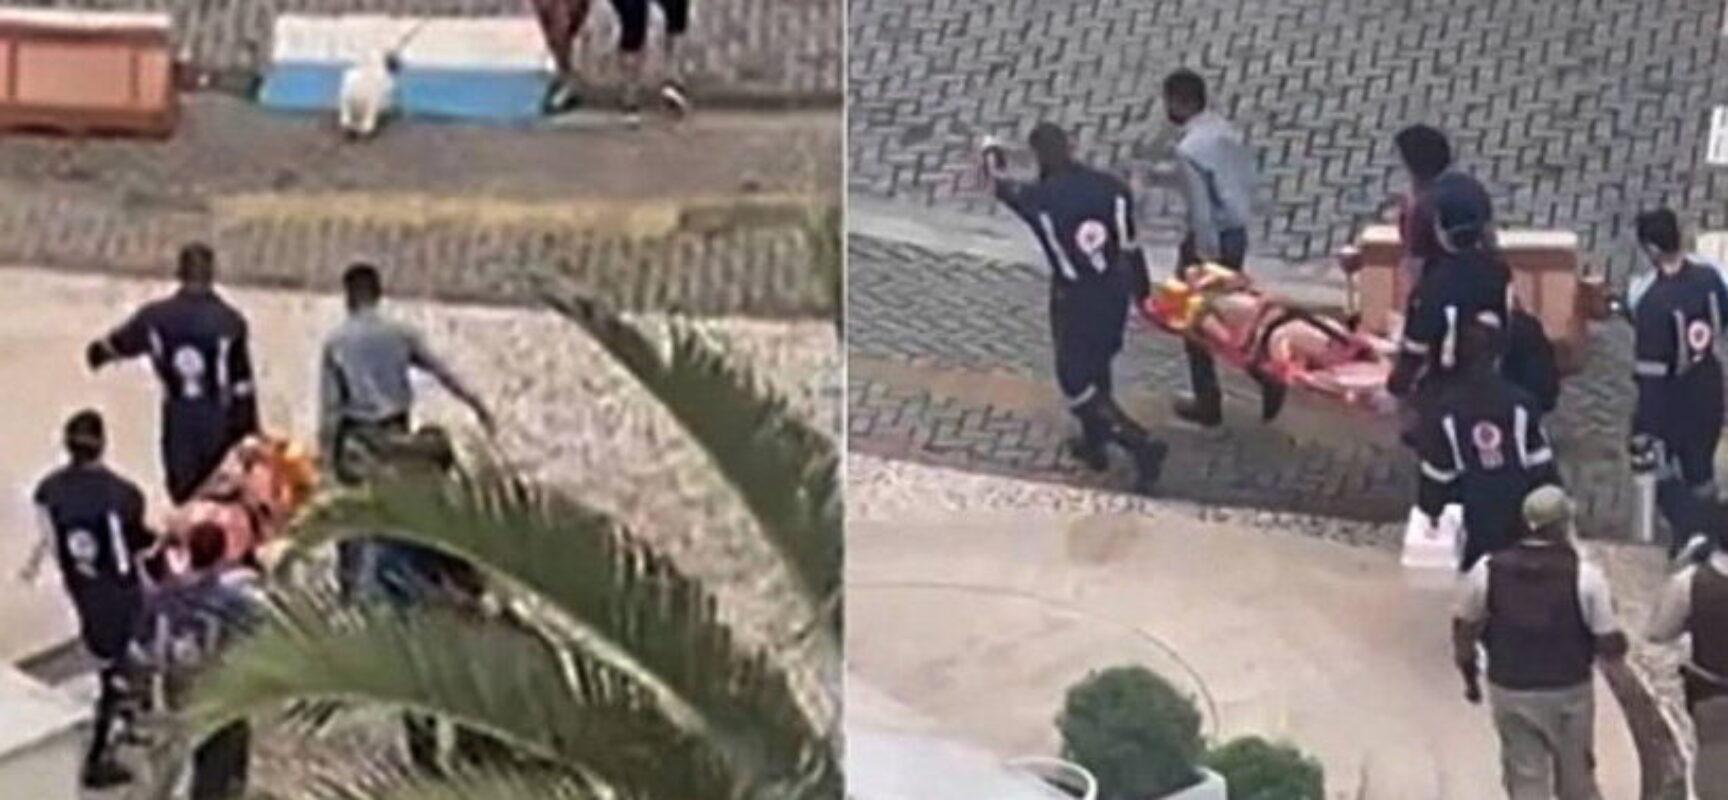 Babá pula do 3° andar de prédio em Salvador e acusa patroa de cárcere privado